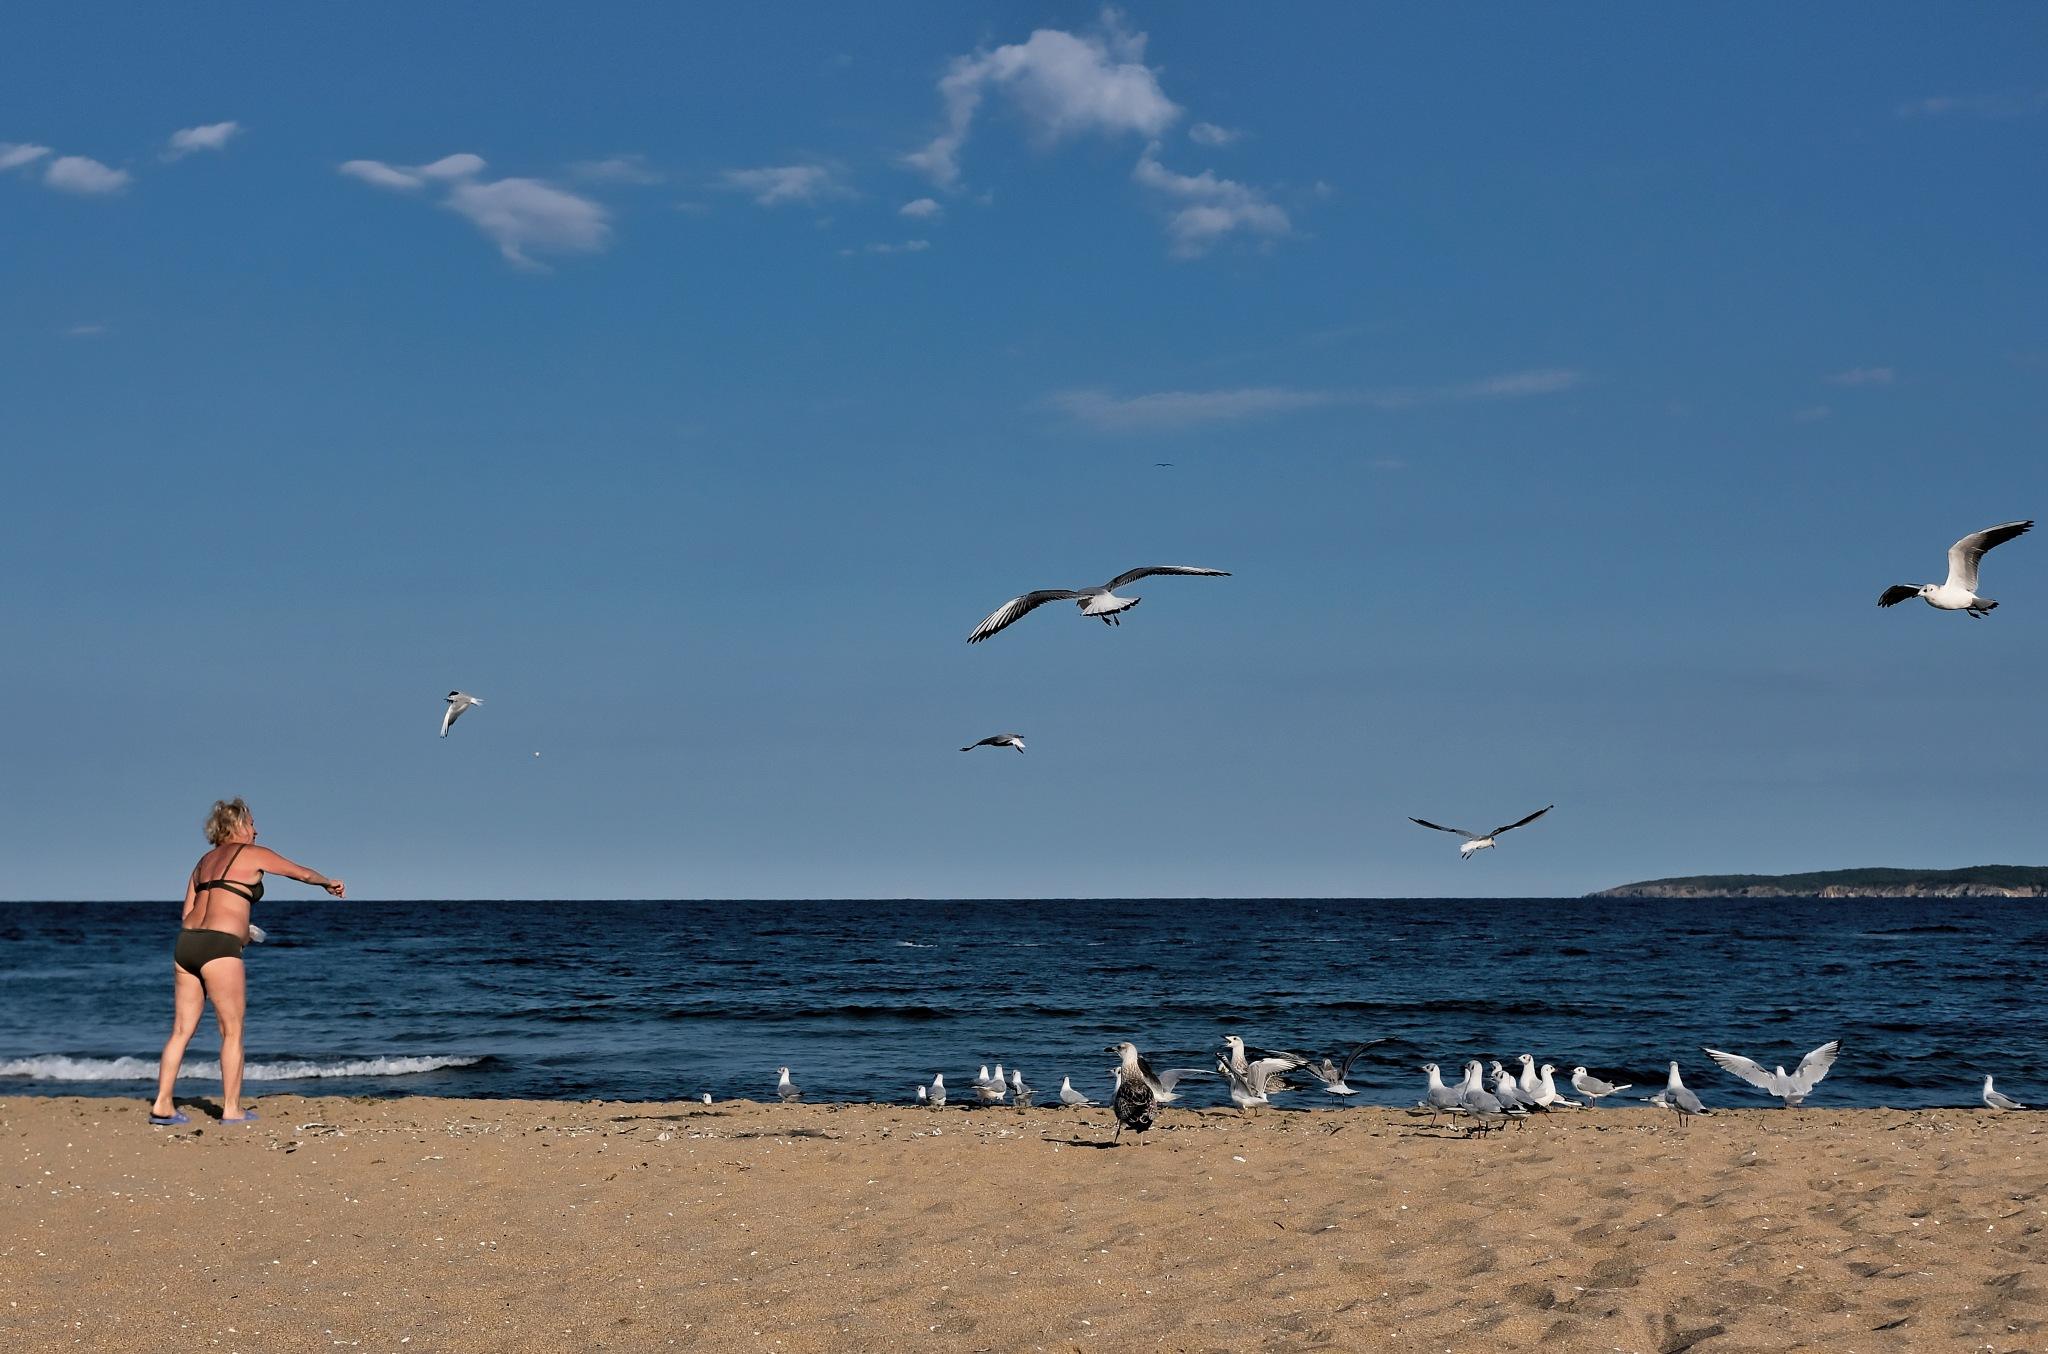 Lady Feeding Seagulls by Marius Matinca